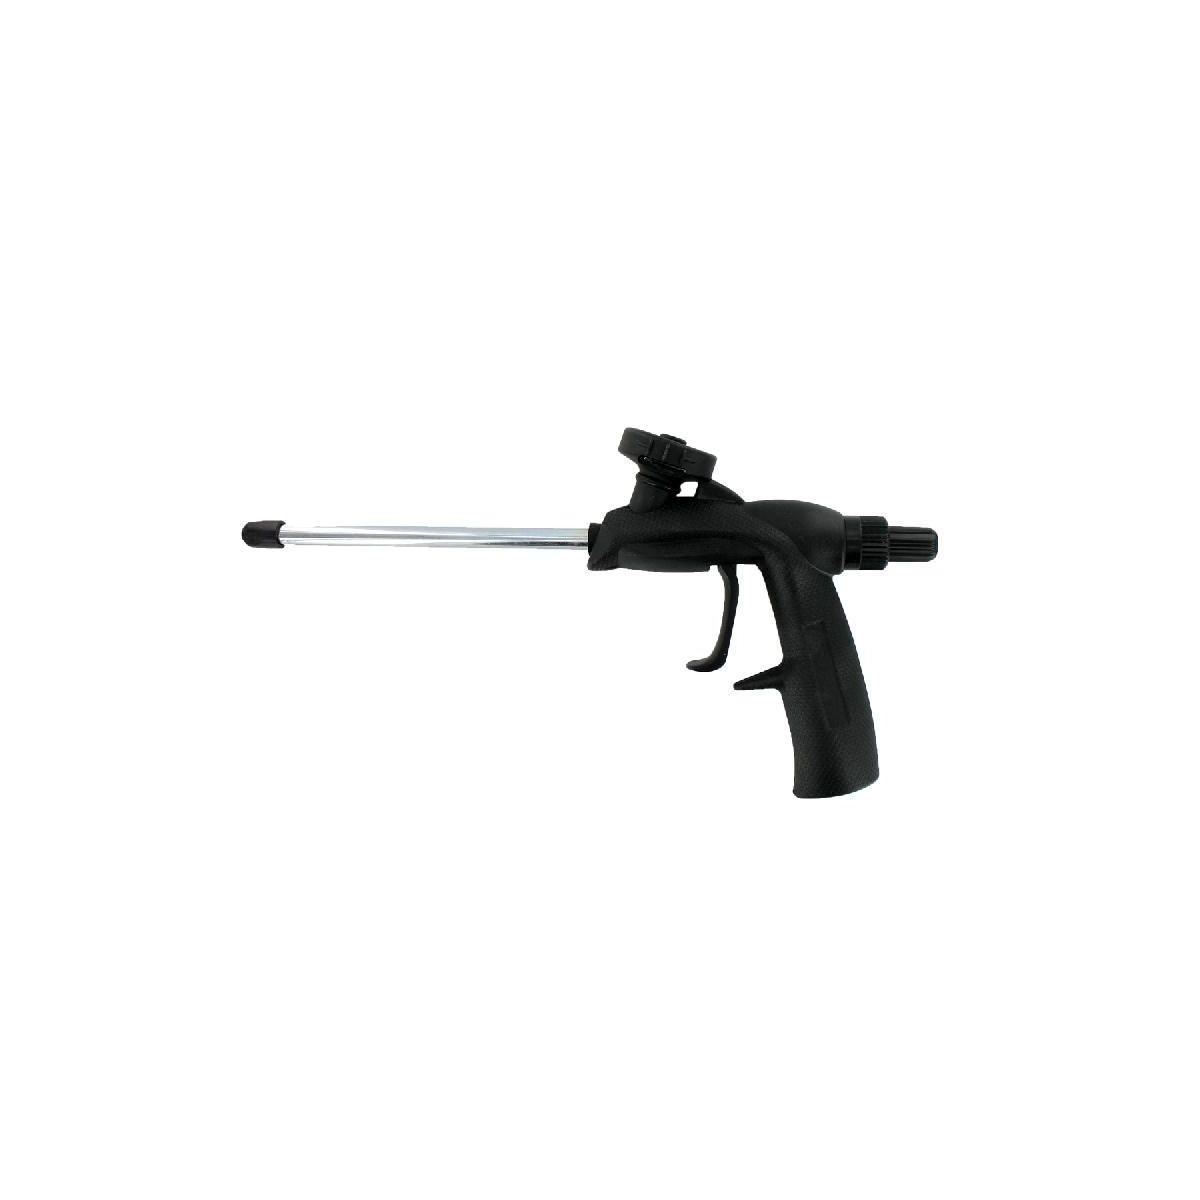 pistolet pour mousse expansive polyur thane en a rosol. Black Bedroom Furniture Sets. Home Design Ideas